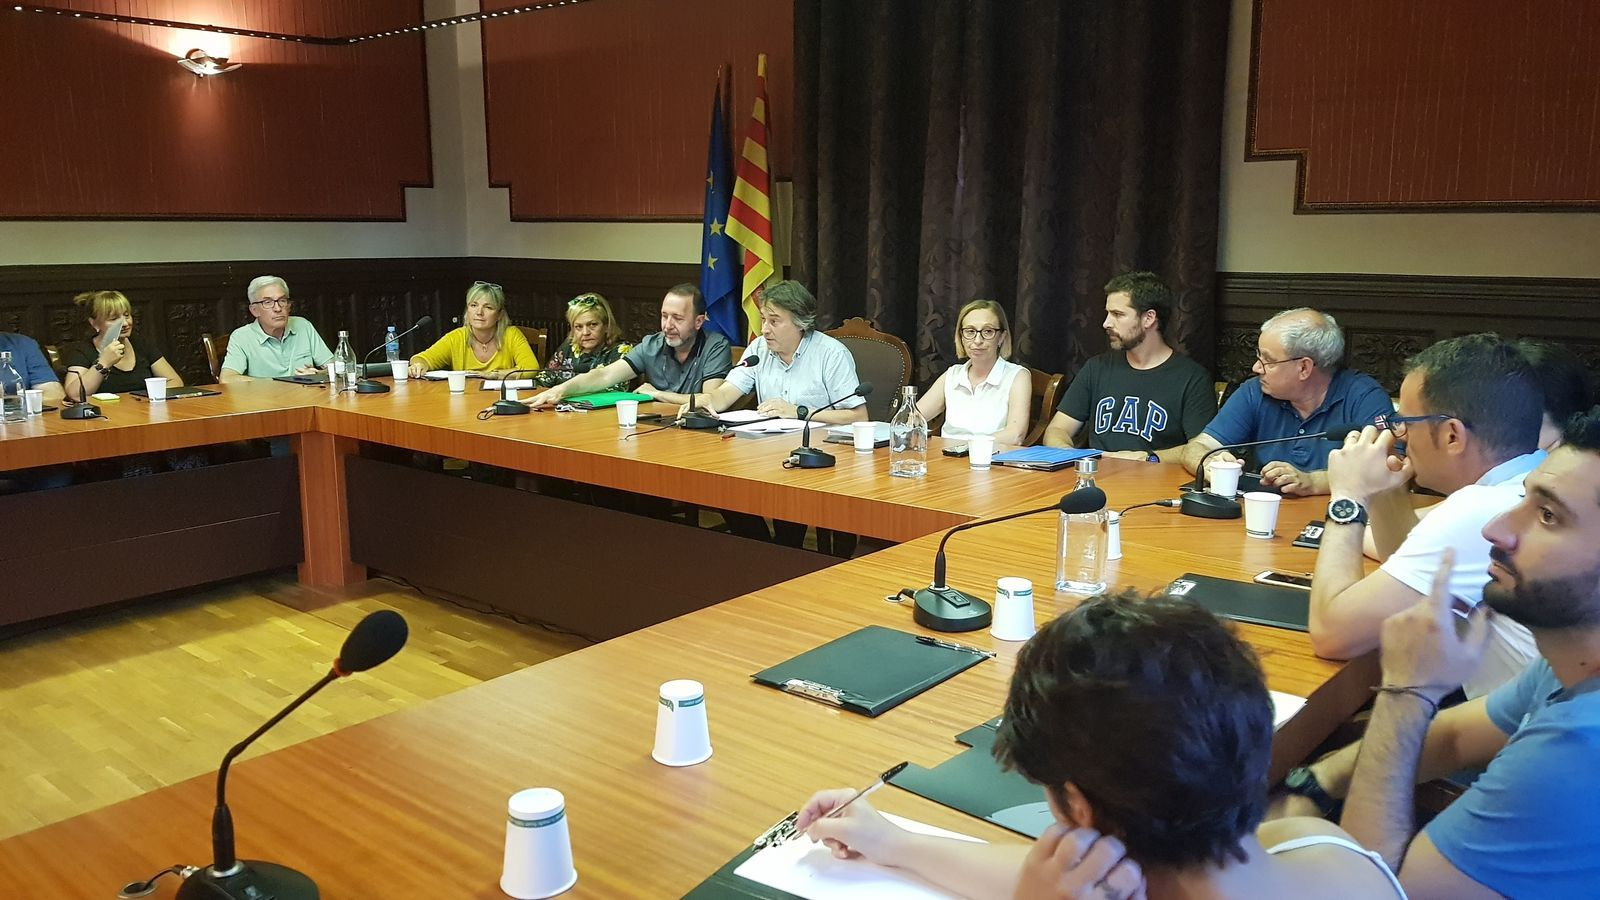 Imatge del ple de Ripoll durant l'aprovació de la moció per reclamar al govern espanyol que aclareixi la relació del CNI amb l'imam Abdelbaki Es-Satty